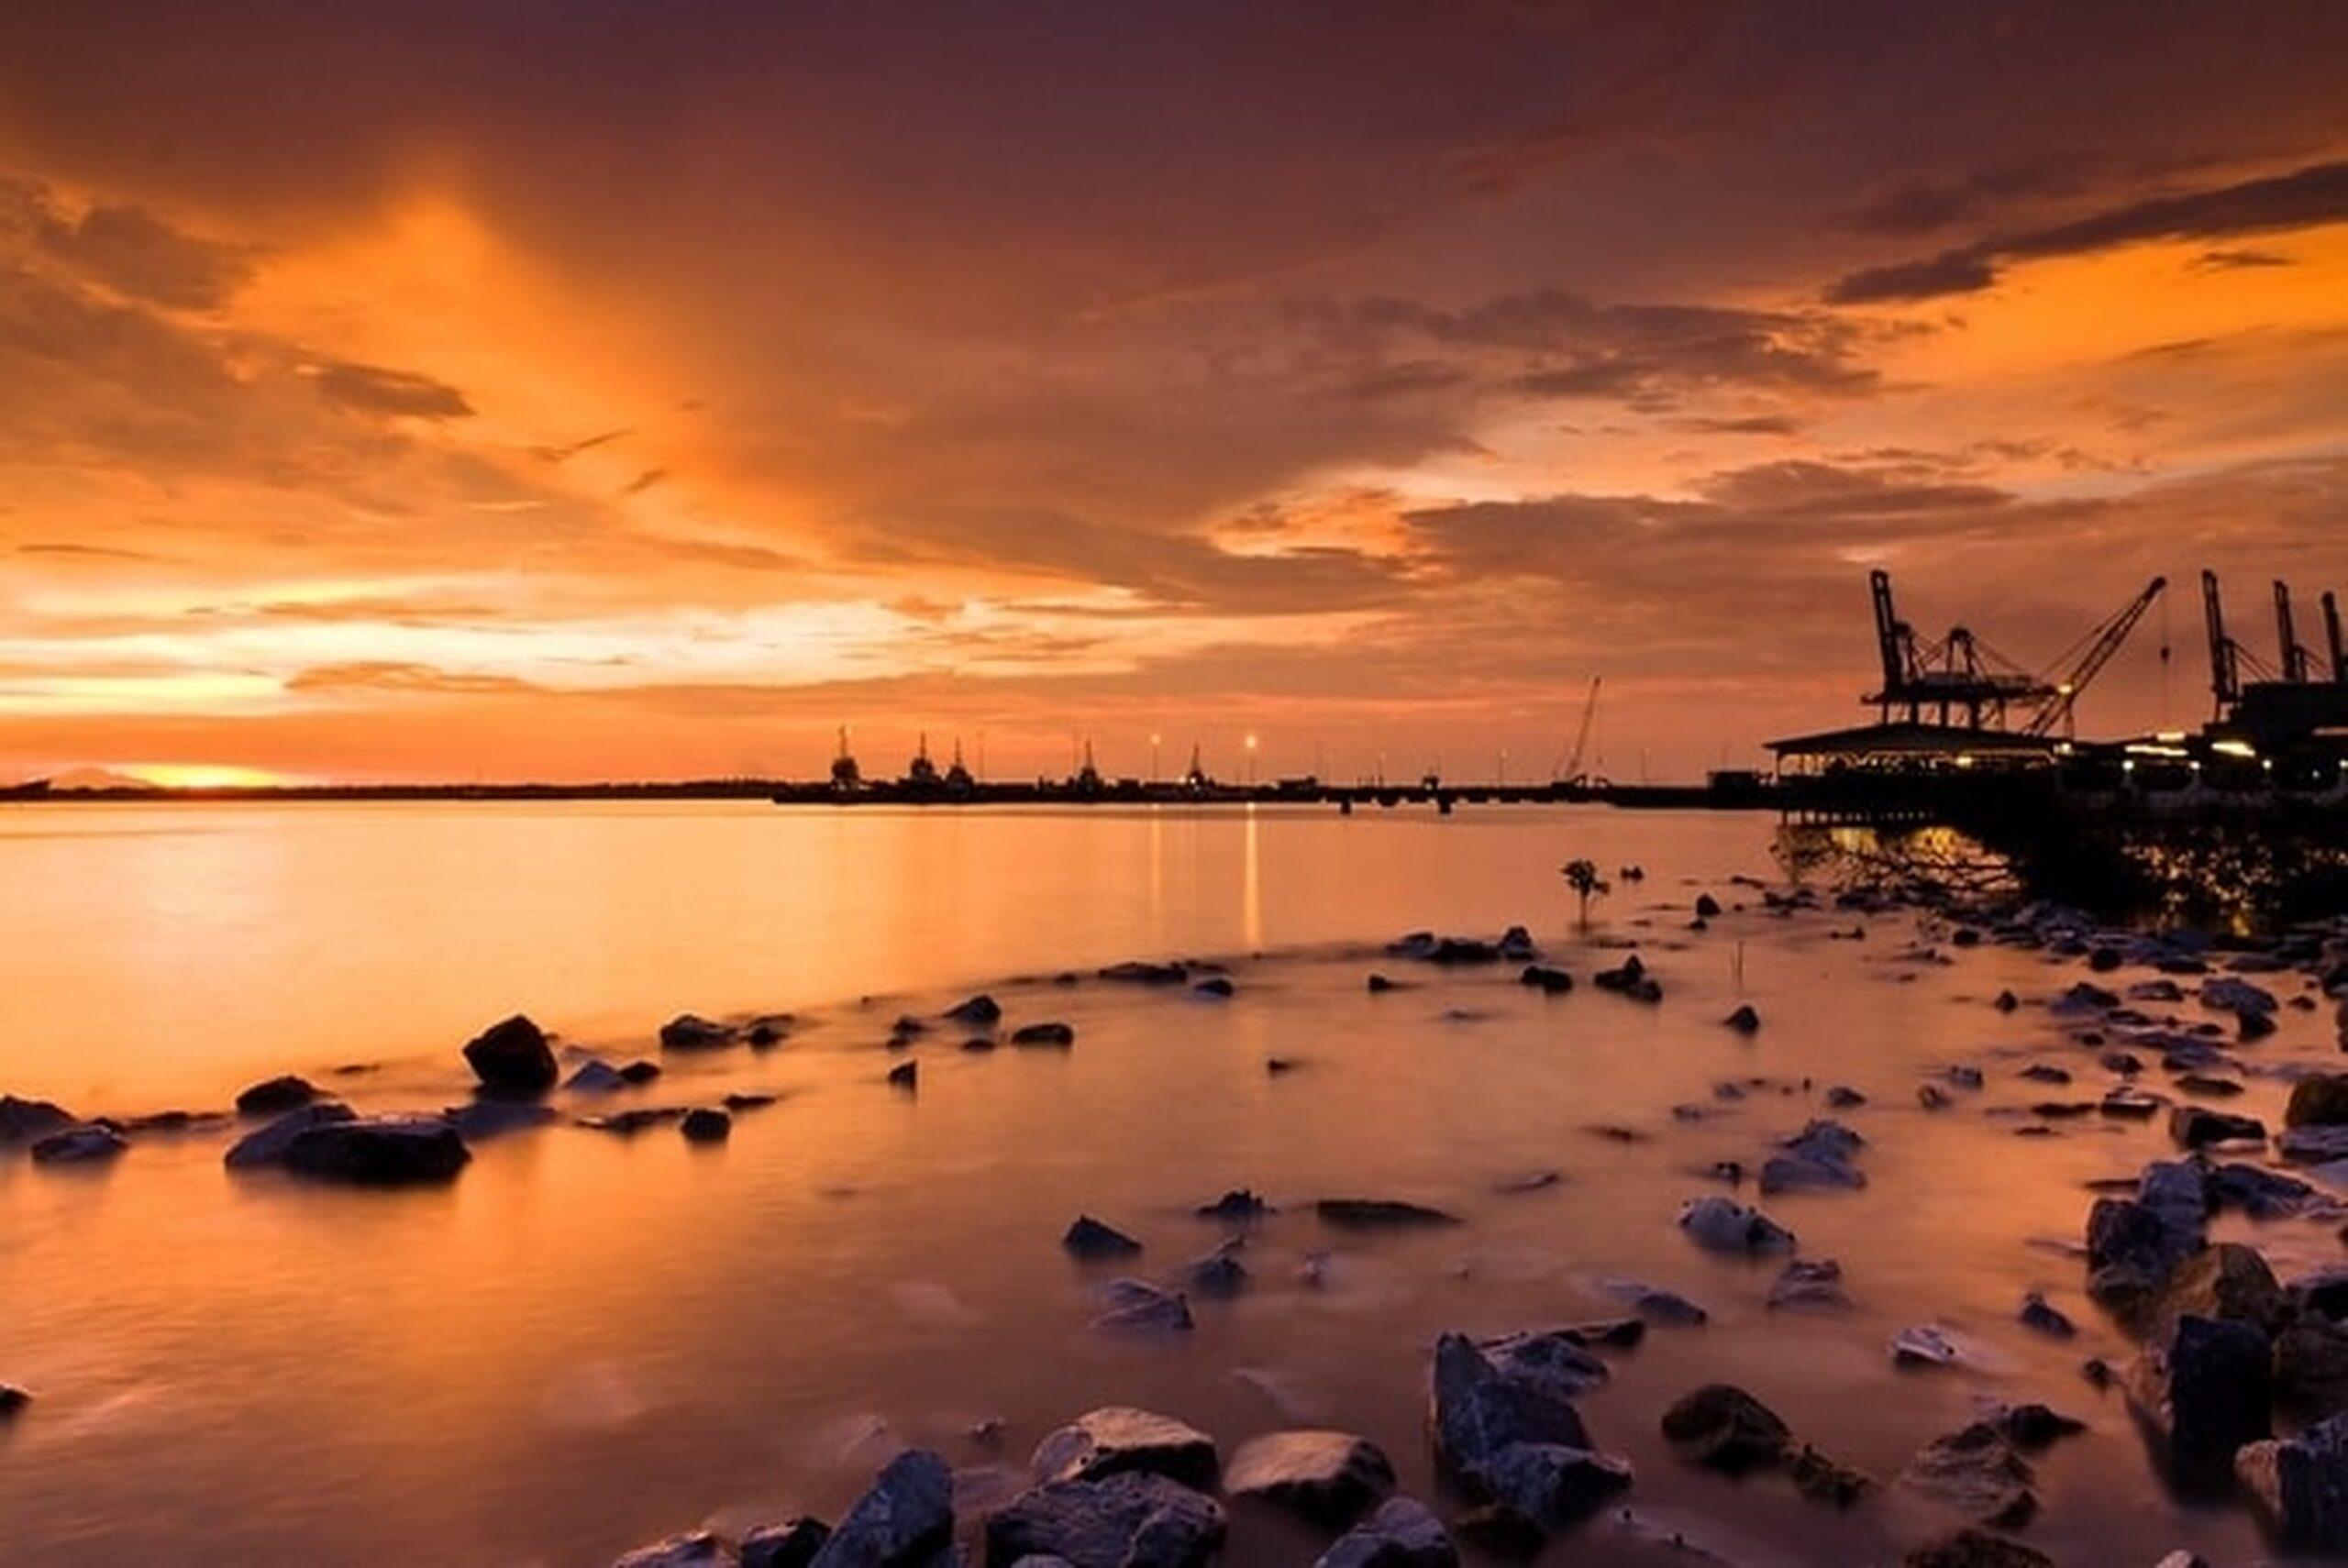 Tanjung Harapan in Klang